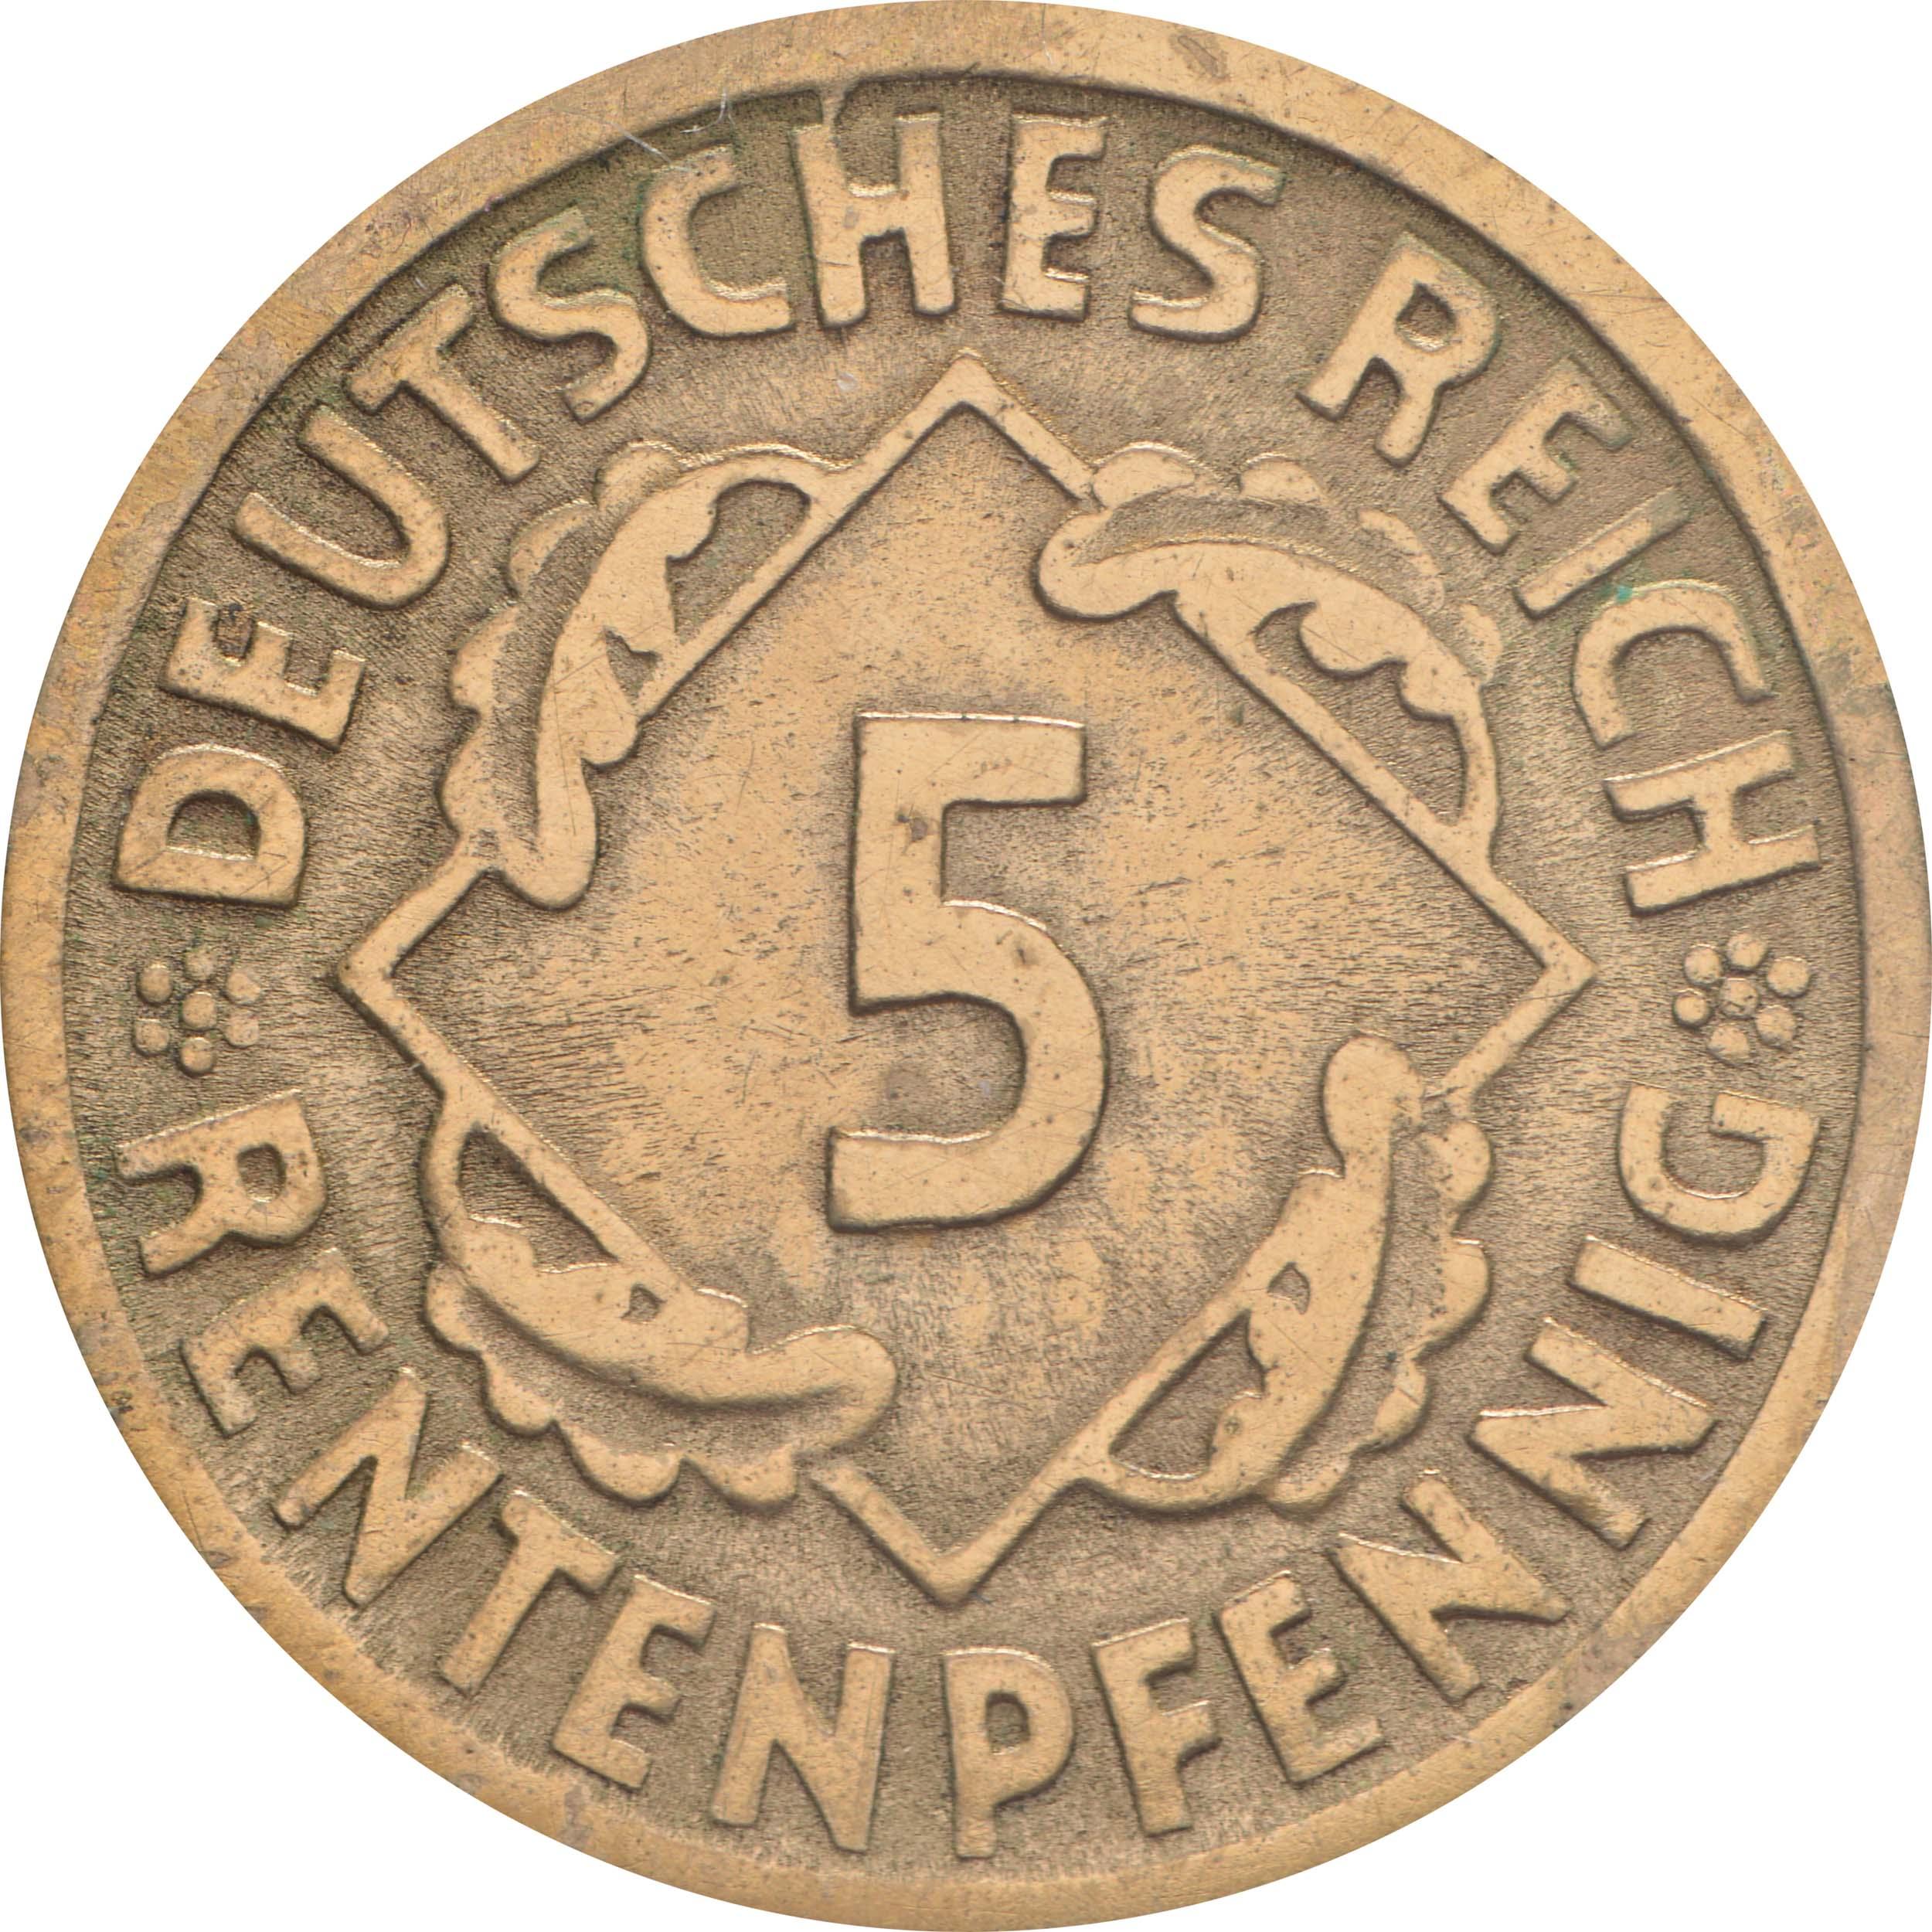 Vorderseite :Deutschland : 5 Rentenpfennig Kursmünze  1923 ss/vz.